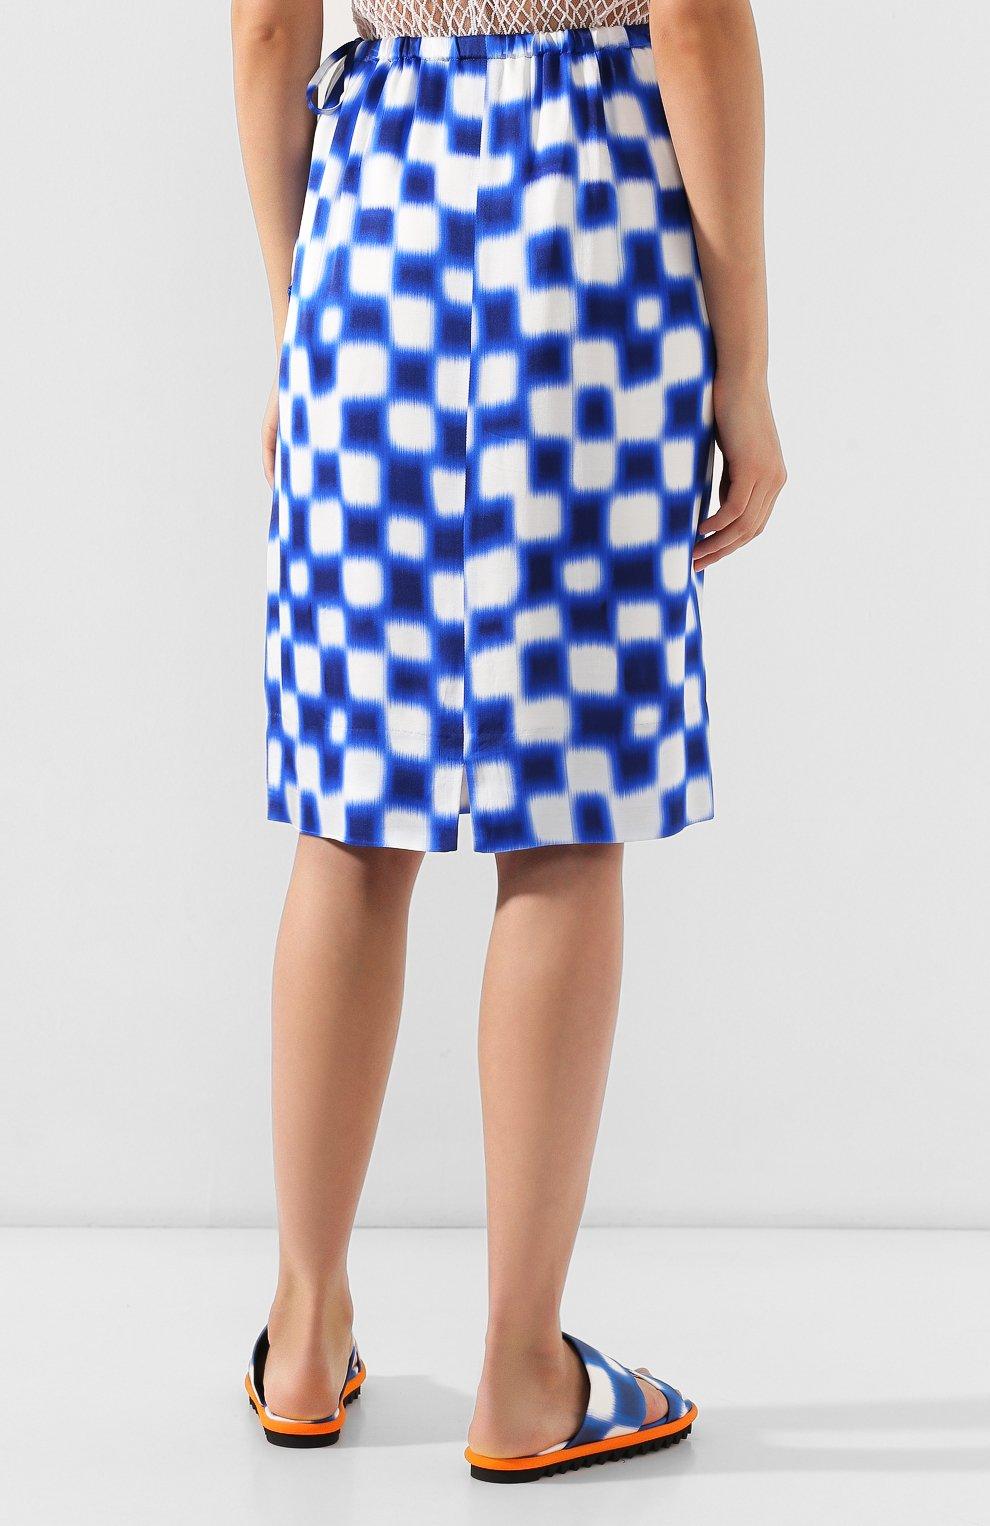 Женская юбка из вискозы DRIES VAN NOTEN синего цвета, арт. 191-10845-7010 | Фото 4